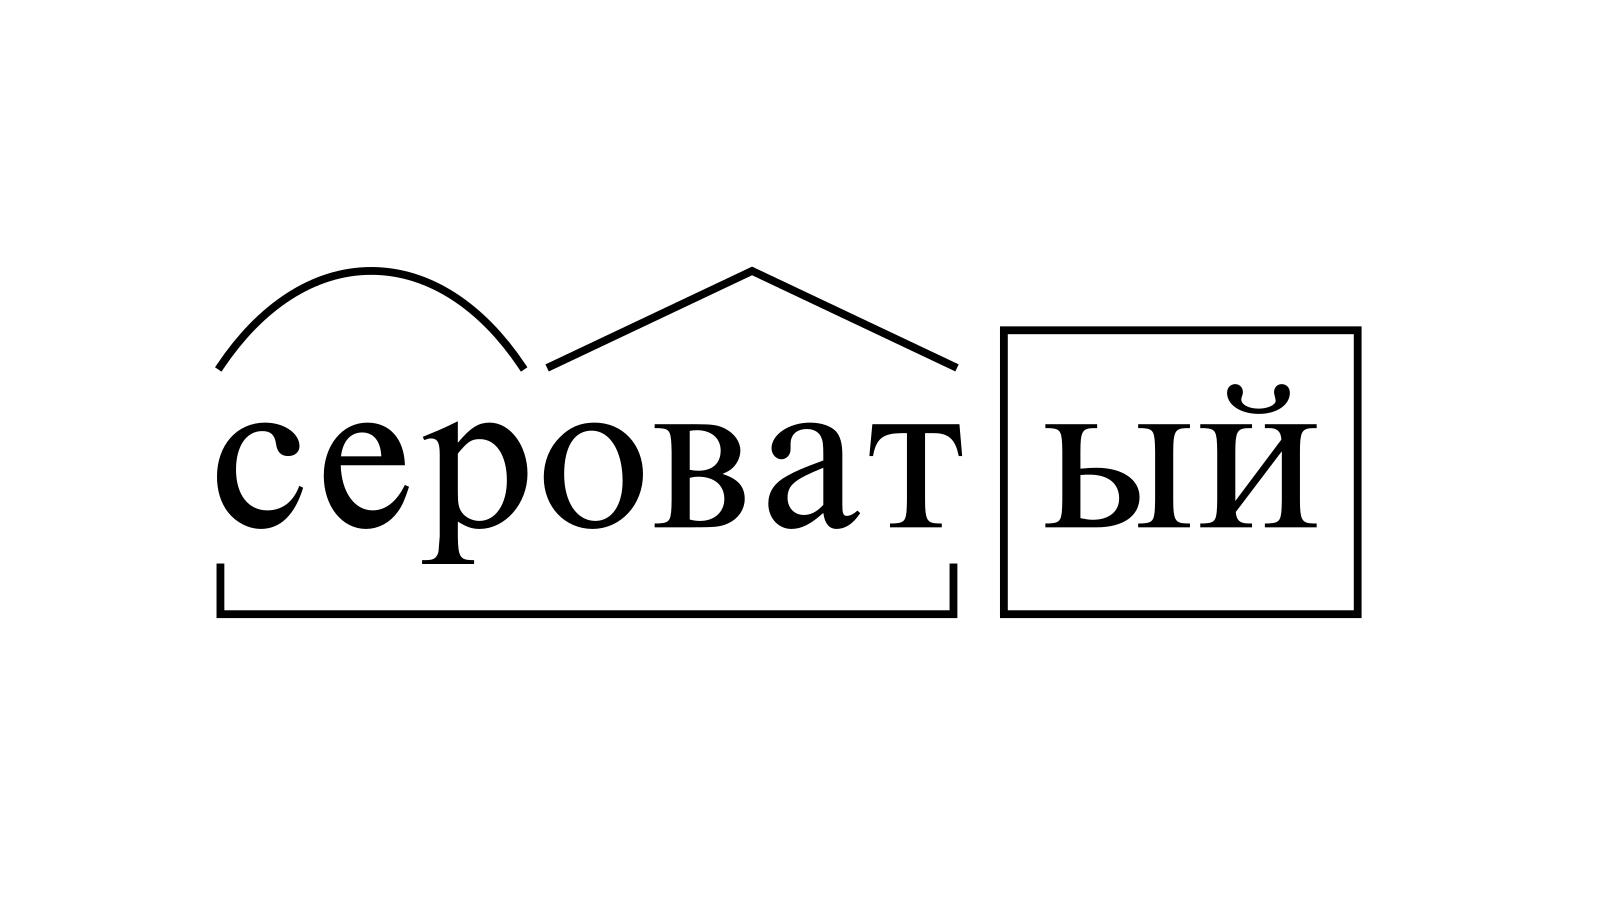 Разбор слова «сероватый» по составу